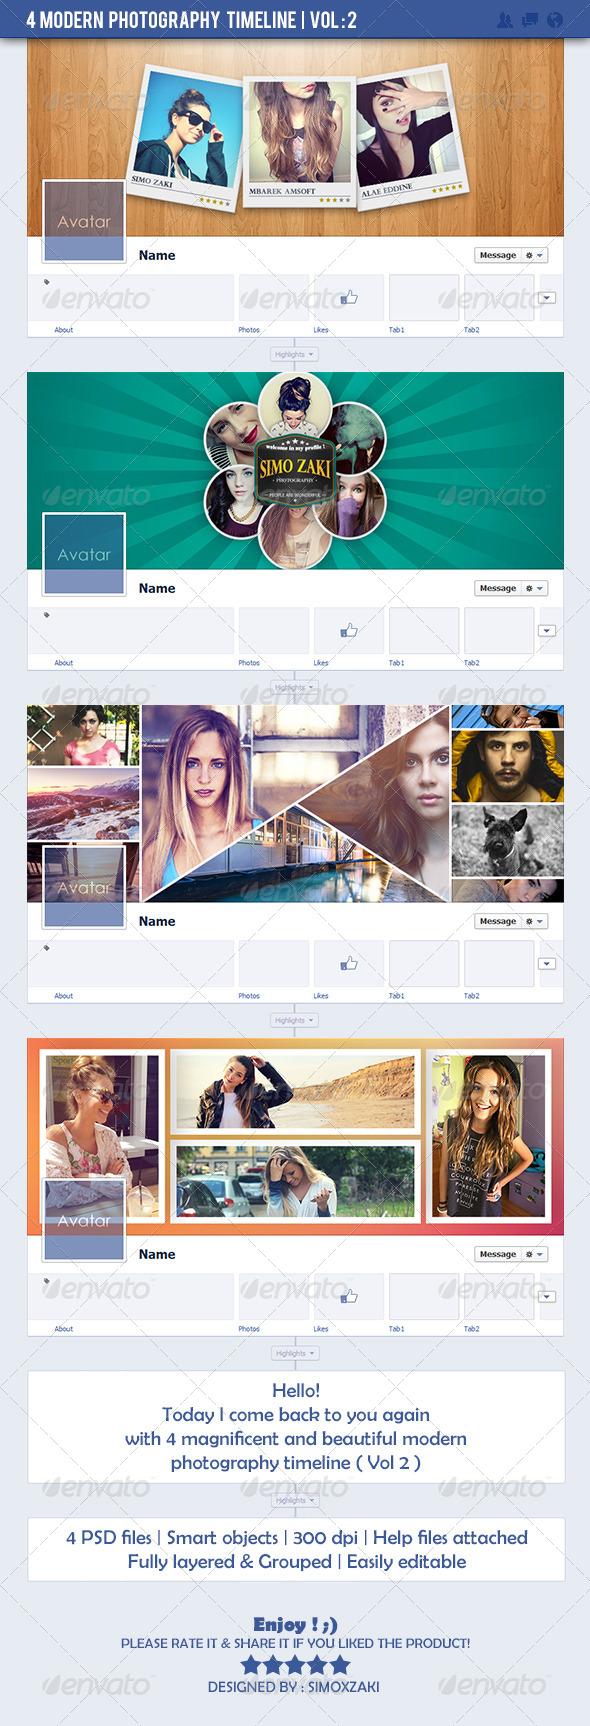 4 Modern Photography Timeline - Vol: 2 - Facebook Timeline Covers Social Media